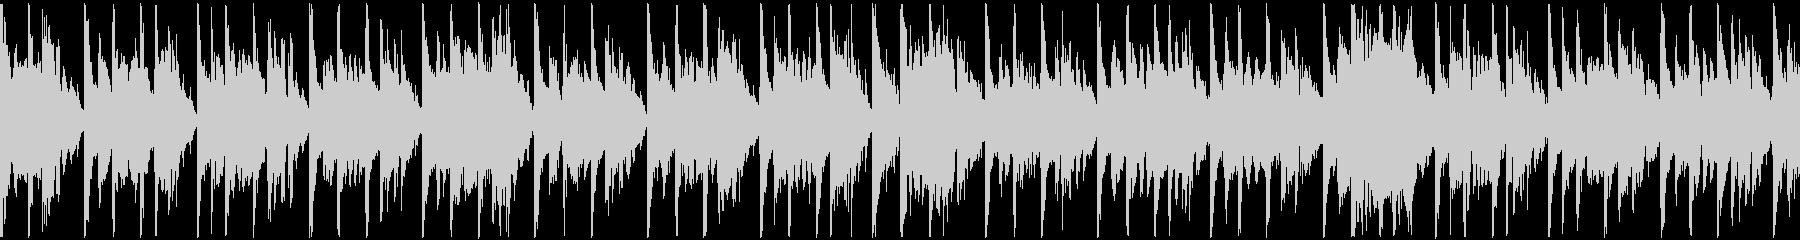 定番曲「スタイリッシュ」B:ループ短の未再生の波形